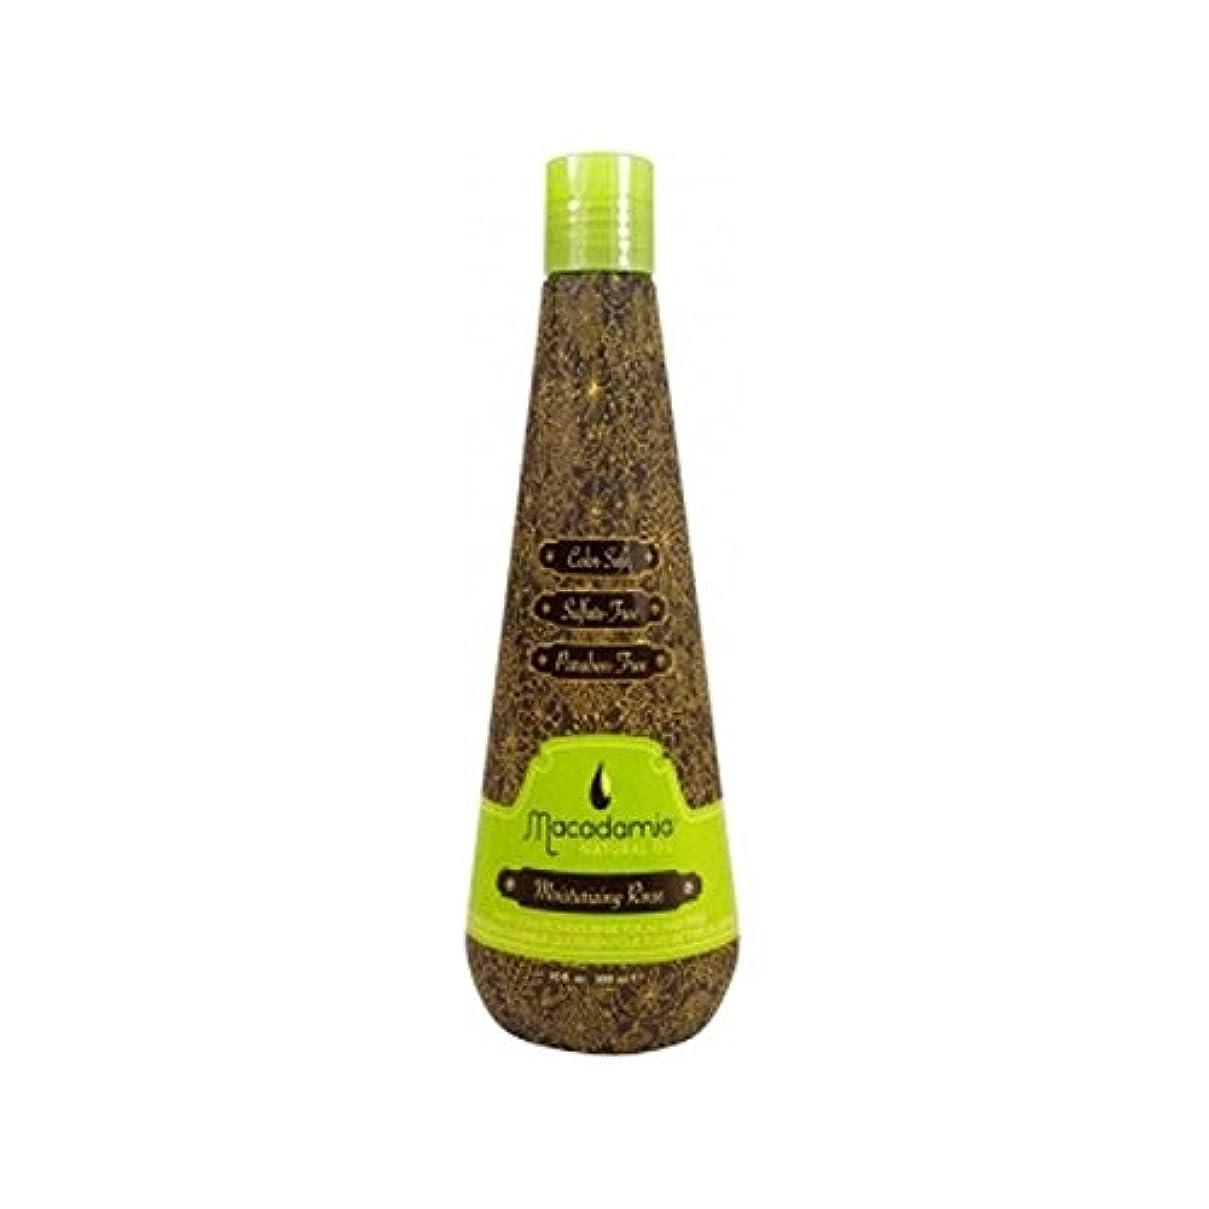 ボタン国歌敬礼Macadamia Moisturising Rinse (300ml) - マカダミア保湿リンス(300ミリリットル) [並行輸入品]